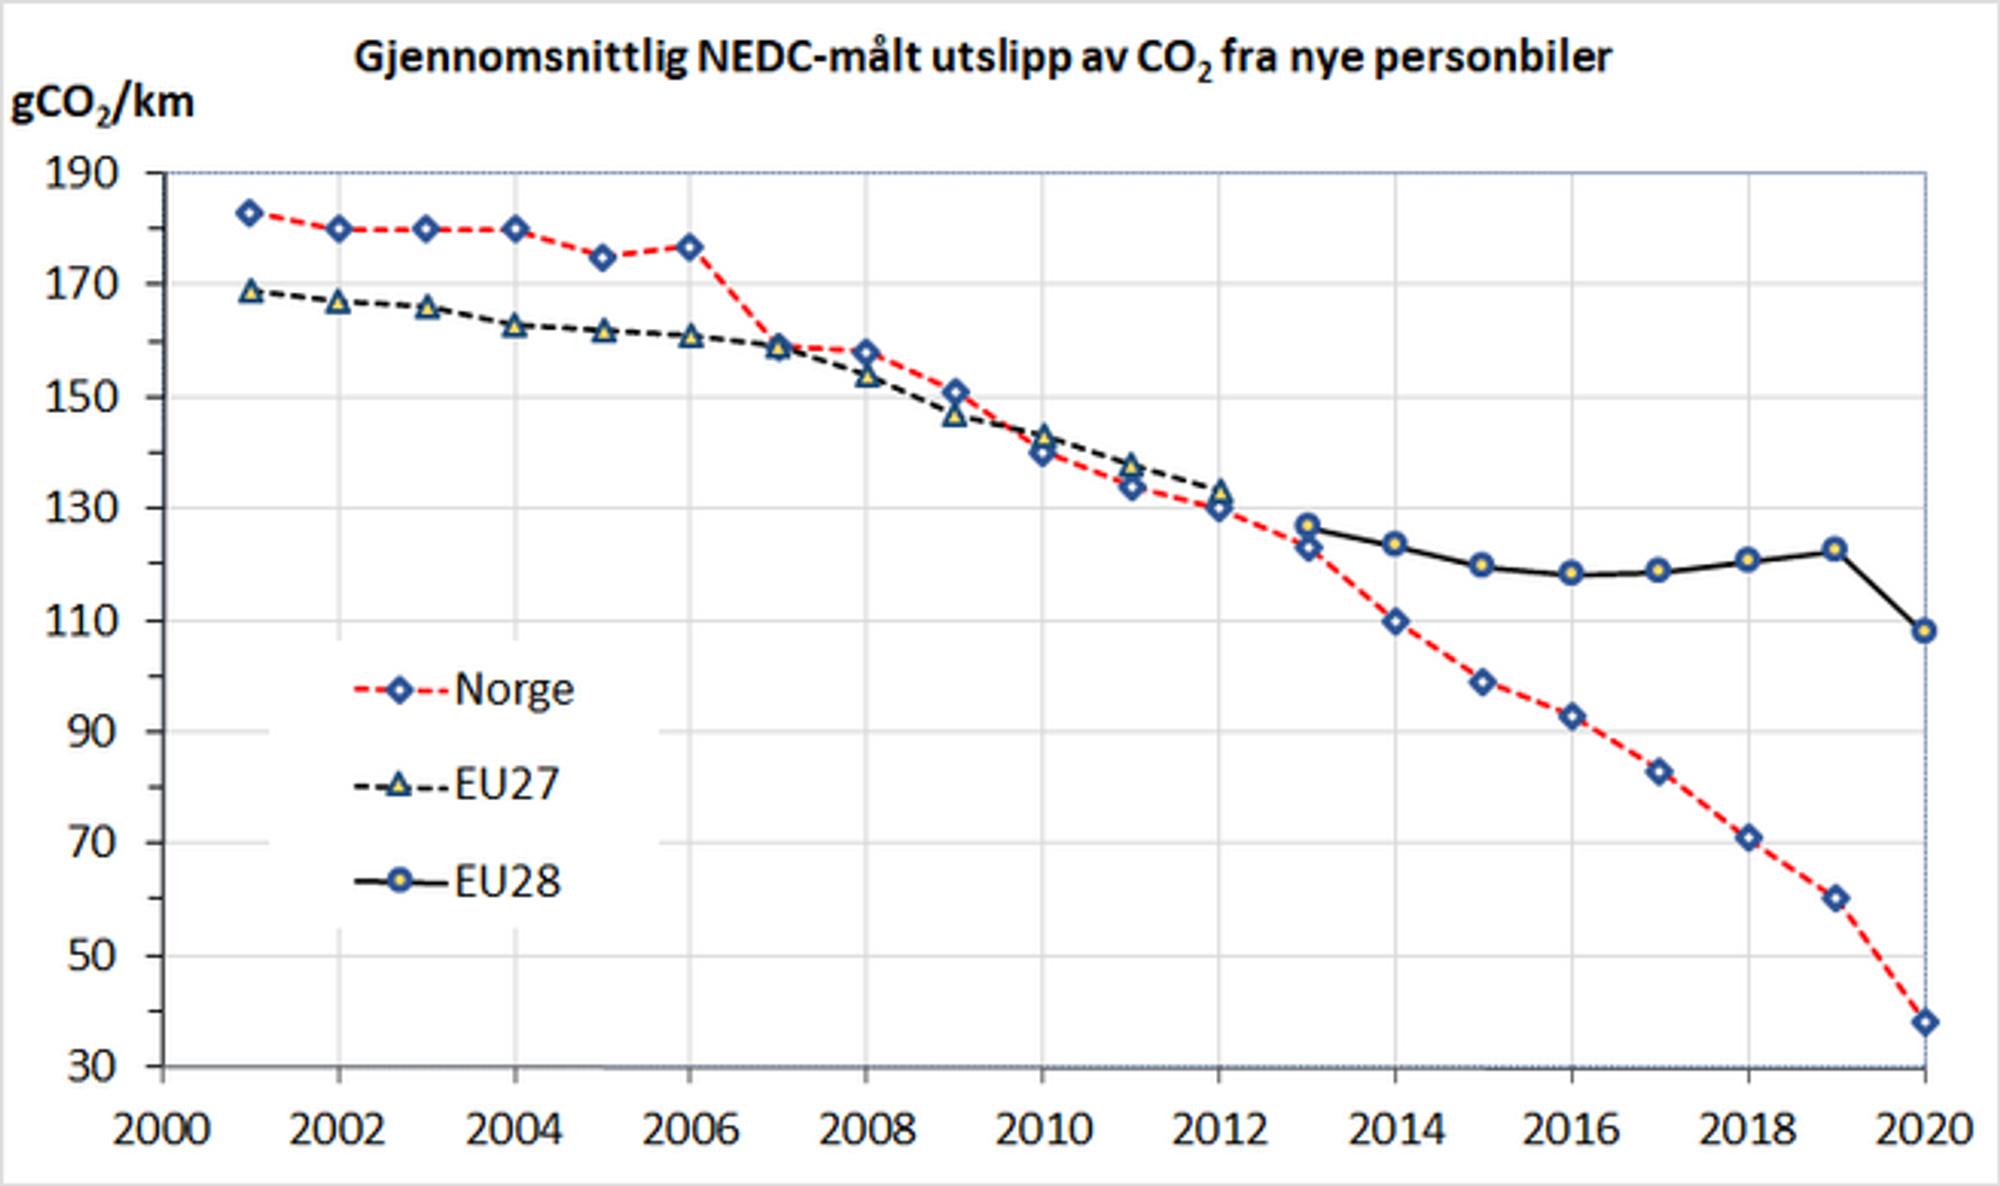 Fig. 1. Gjennomsnittlig typegodkjent utslipp fra nye personbiler i EU og Norge 2001-2020. Kilder: Opplysningsrådet for veitrafikken og Det europeiske miljøbyrået.